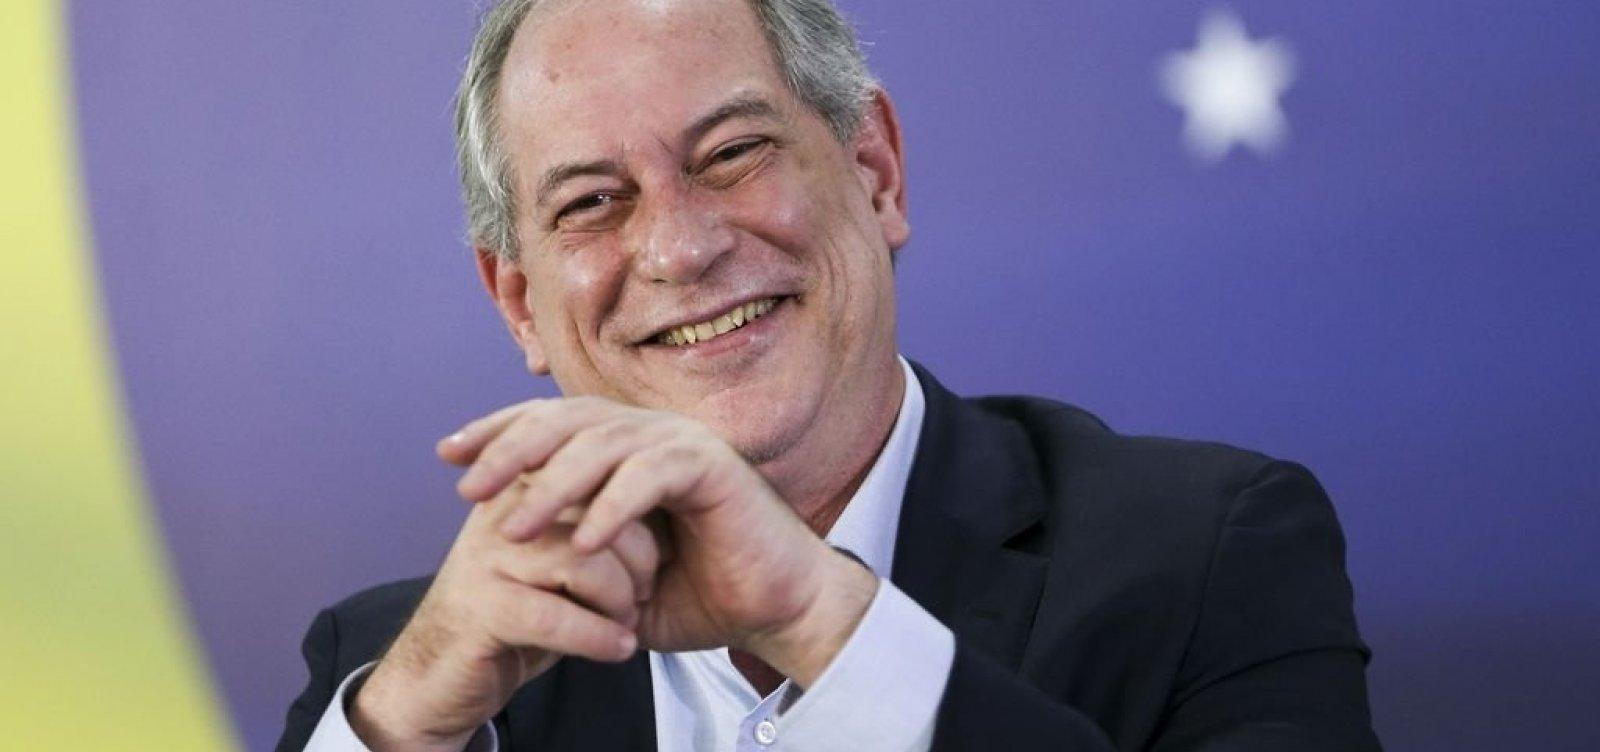 [Ciro descarta apoio a Bolsonaro: 'Ele não, sem dúvida']